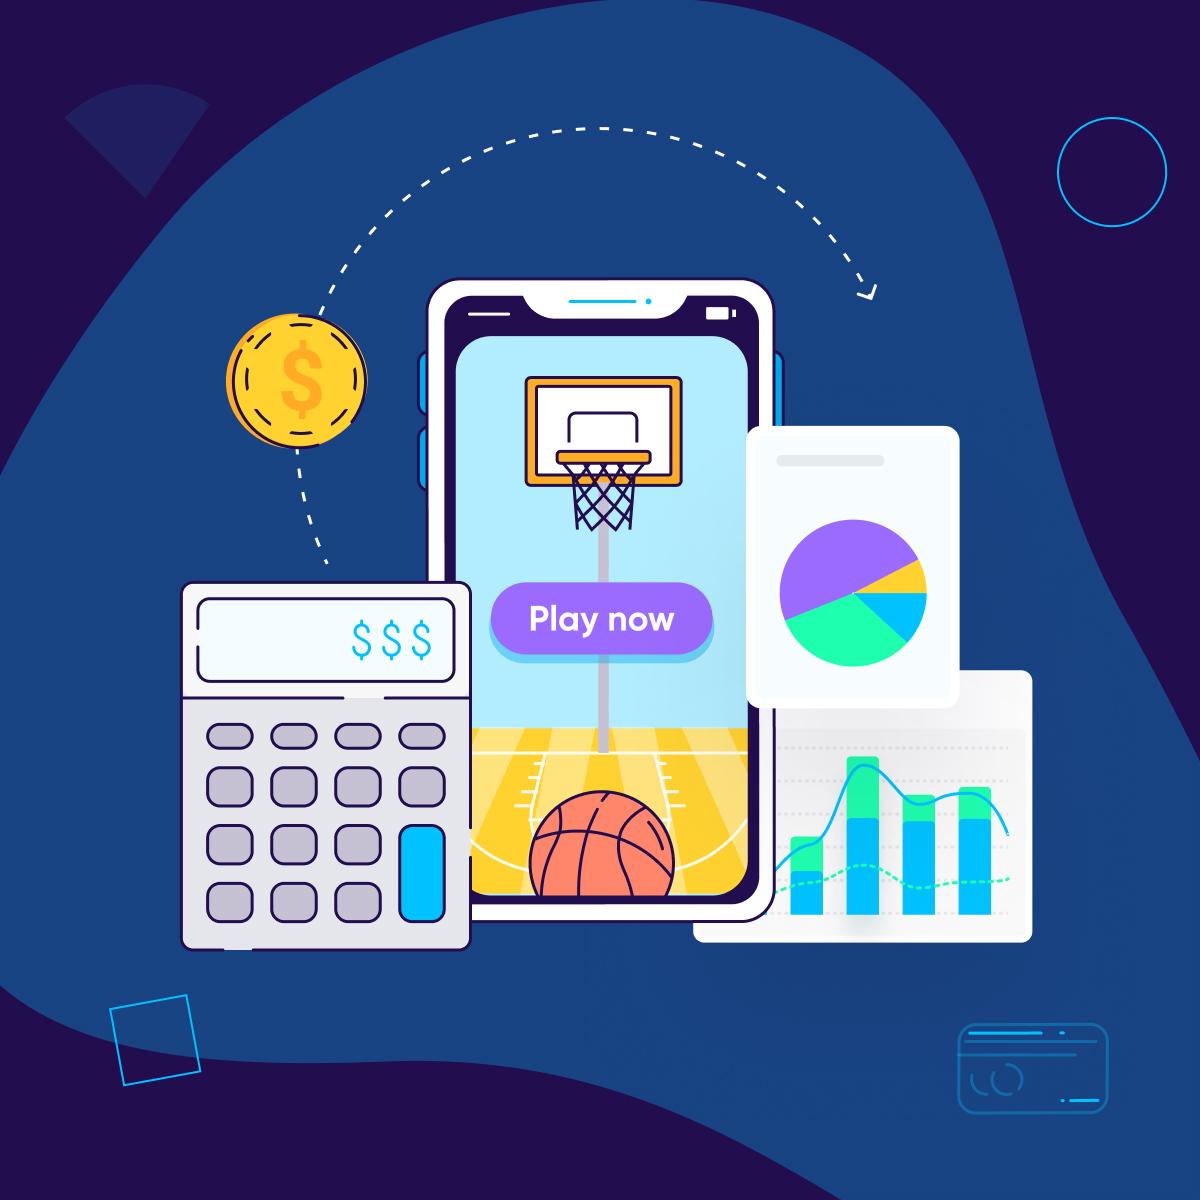 exporting user level ad revenue